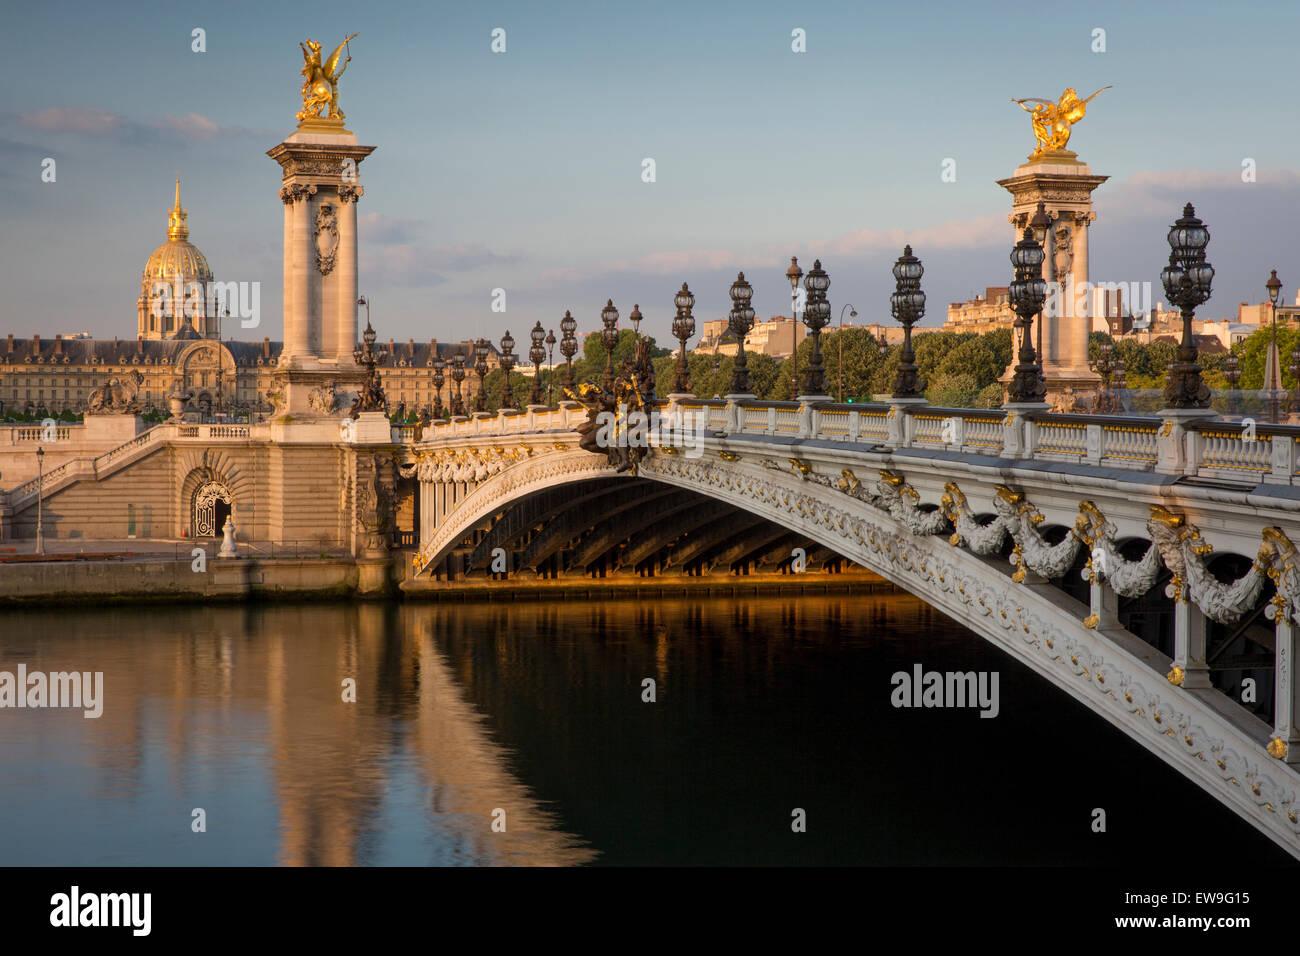 L'aube sur la Seine, le Pont Alexandre III et l'Hôtel des Invalides, Paris, France Photo Stock